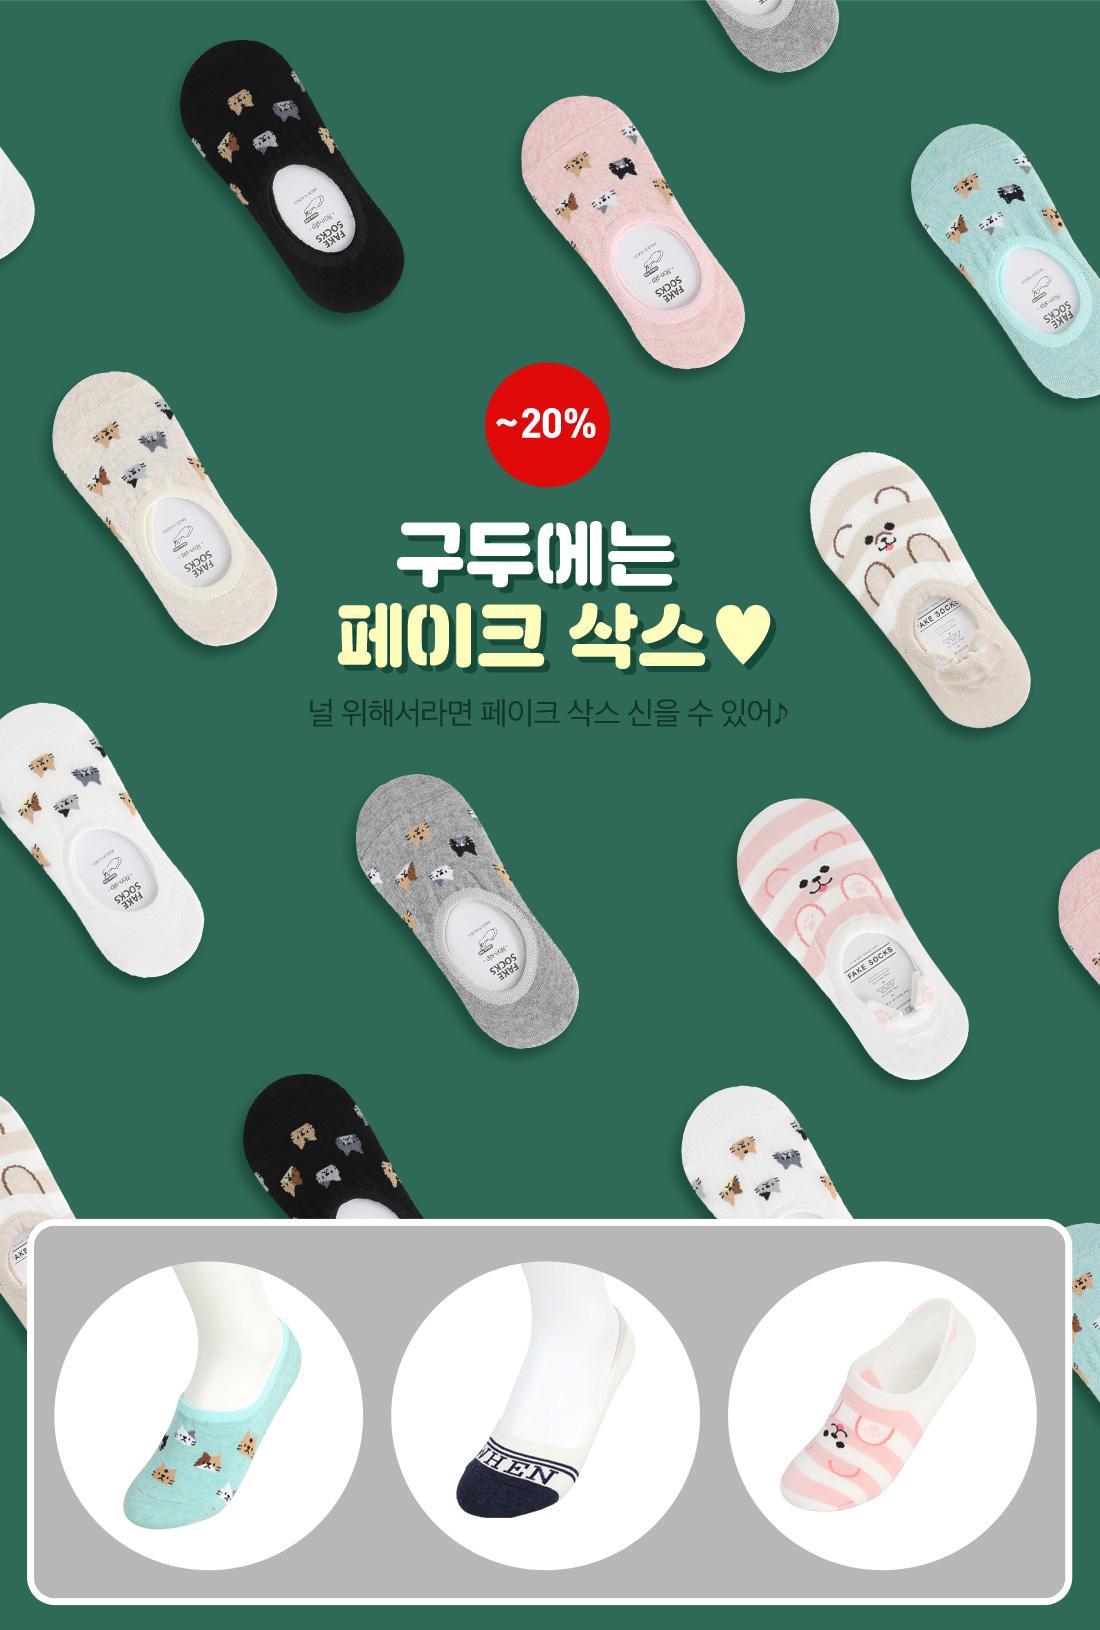 구두에는 페이크 삭스♥